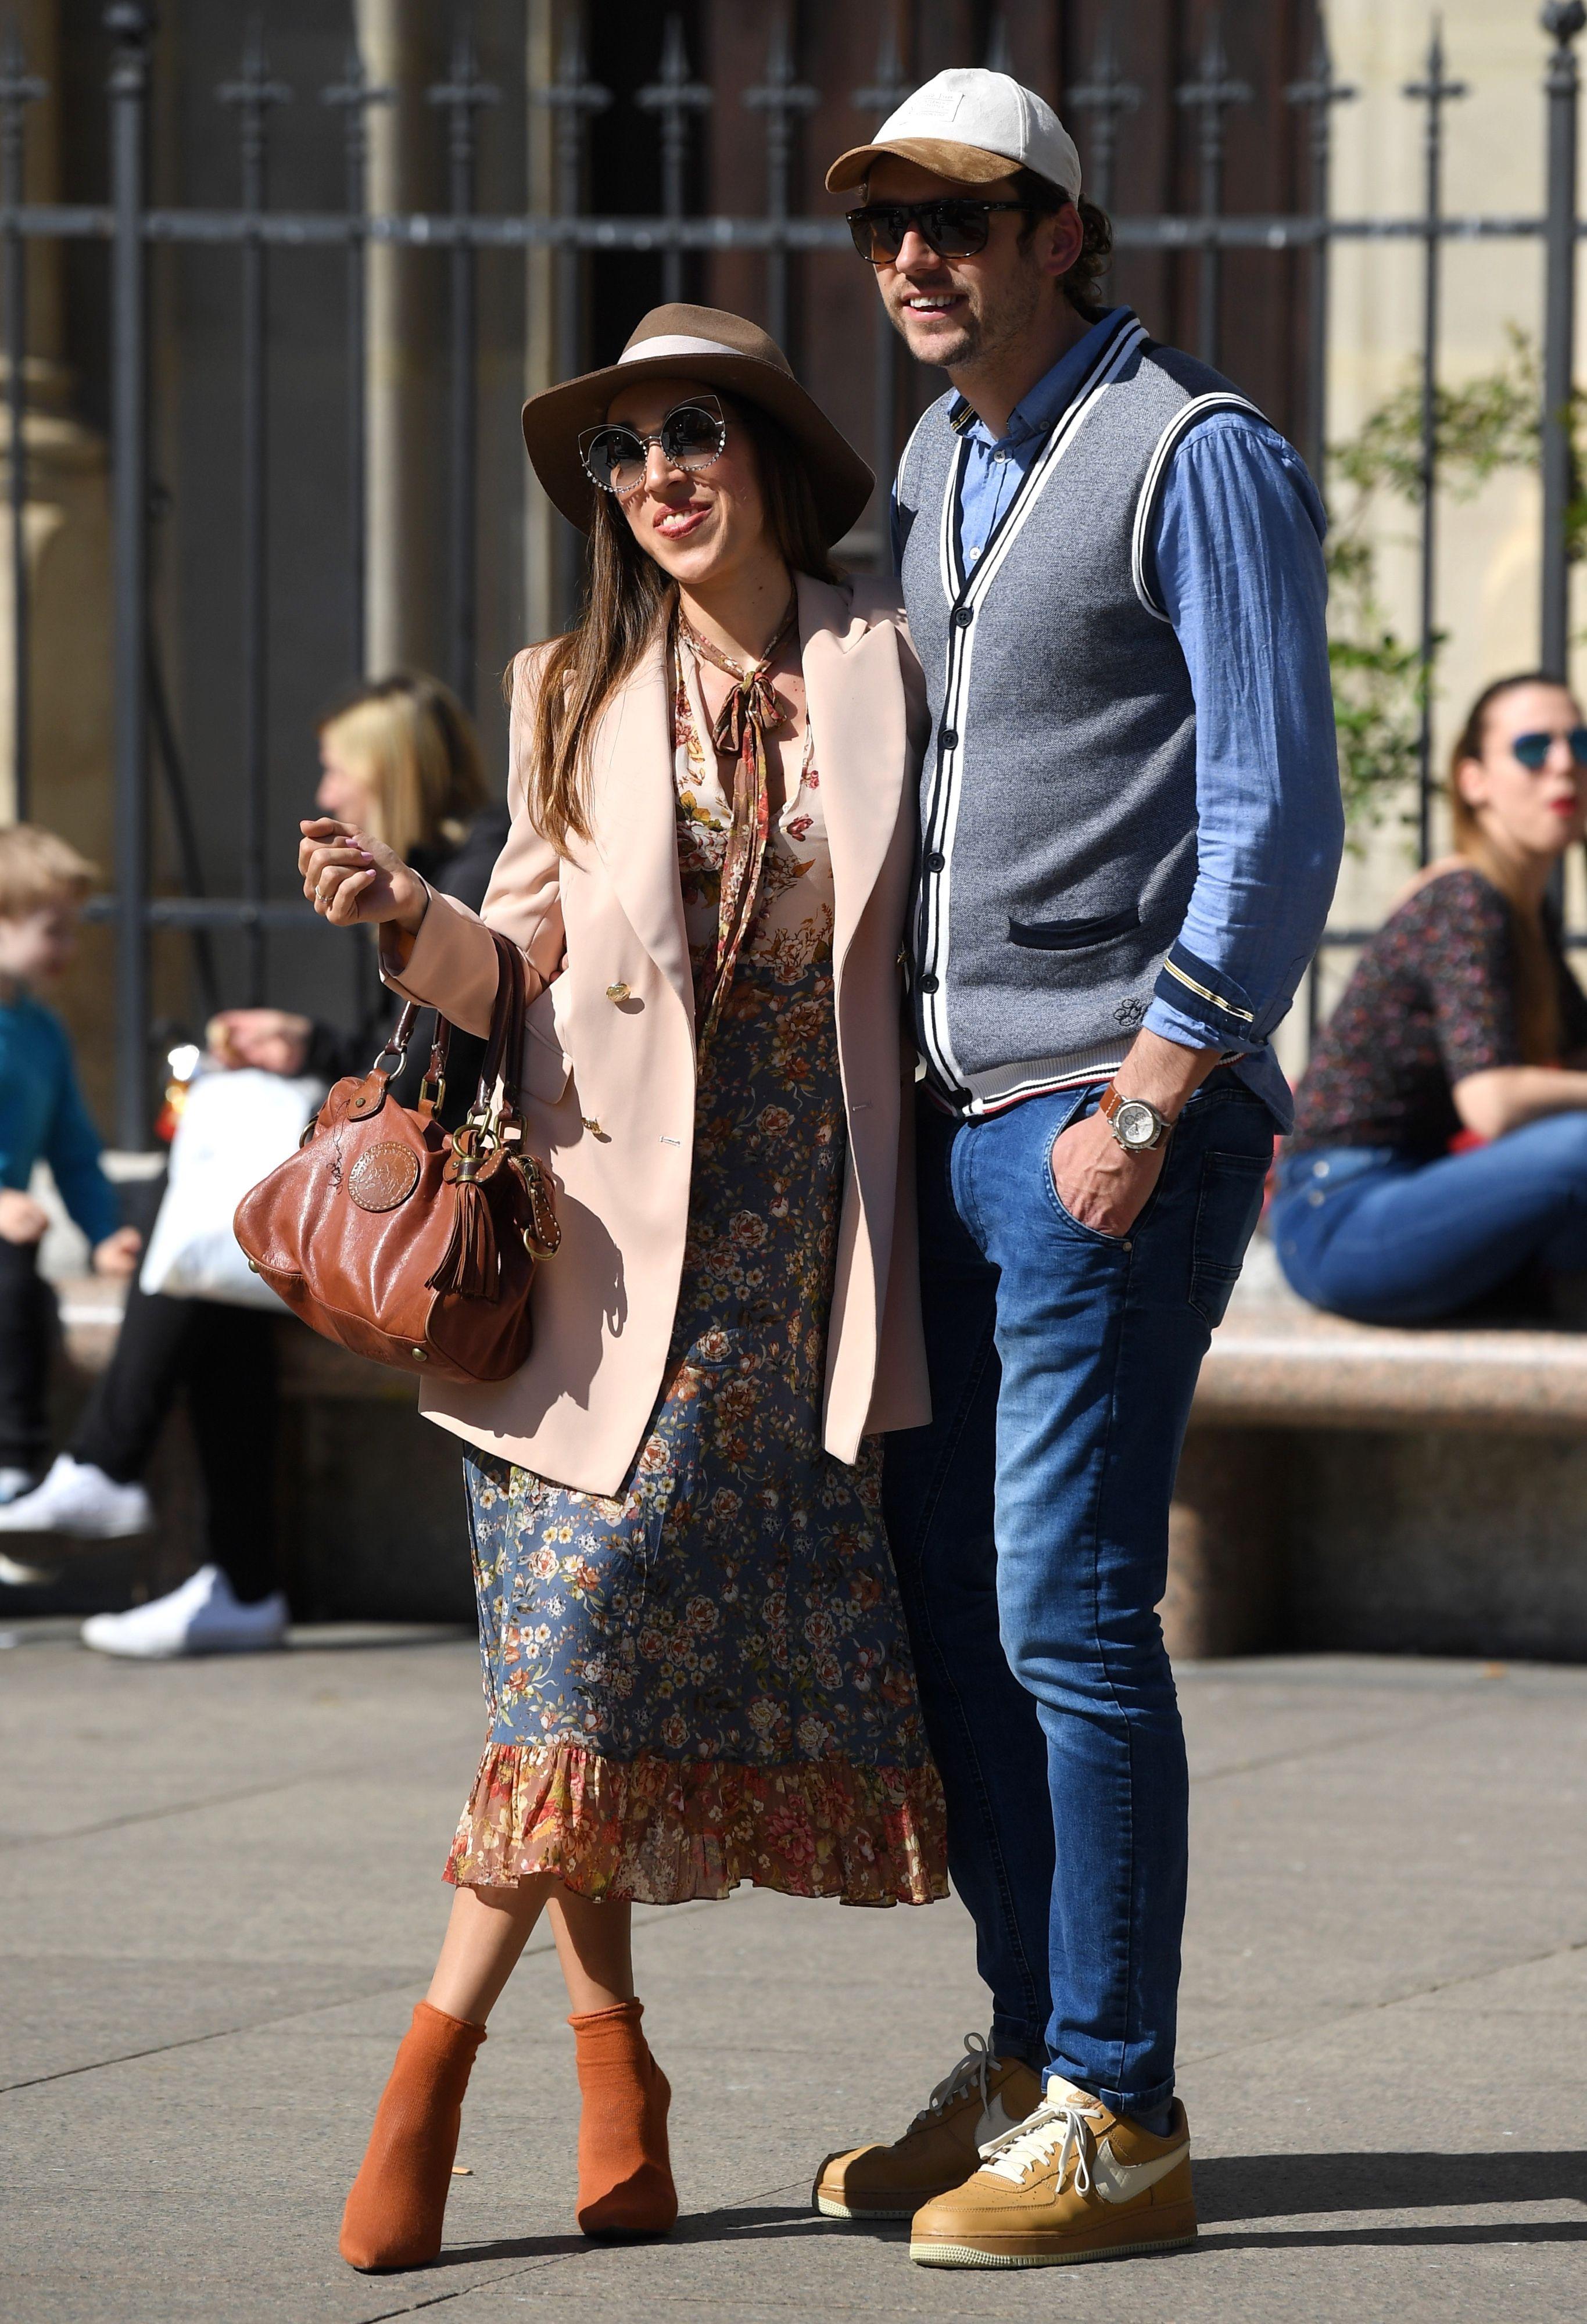 Zaljubljeni par iz centra Zagreba oduševio nas je svojim kombinacijama